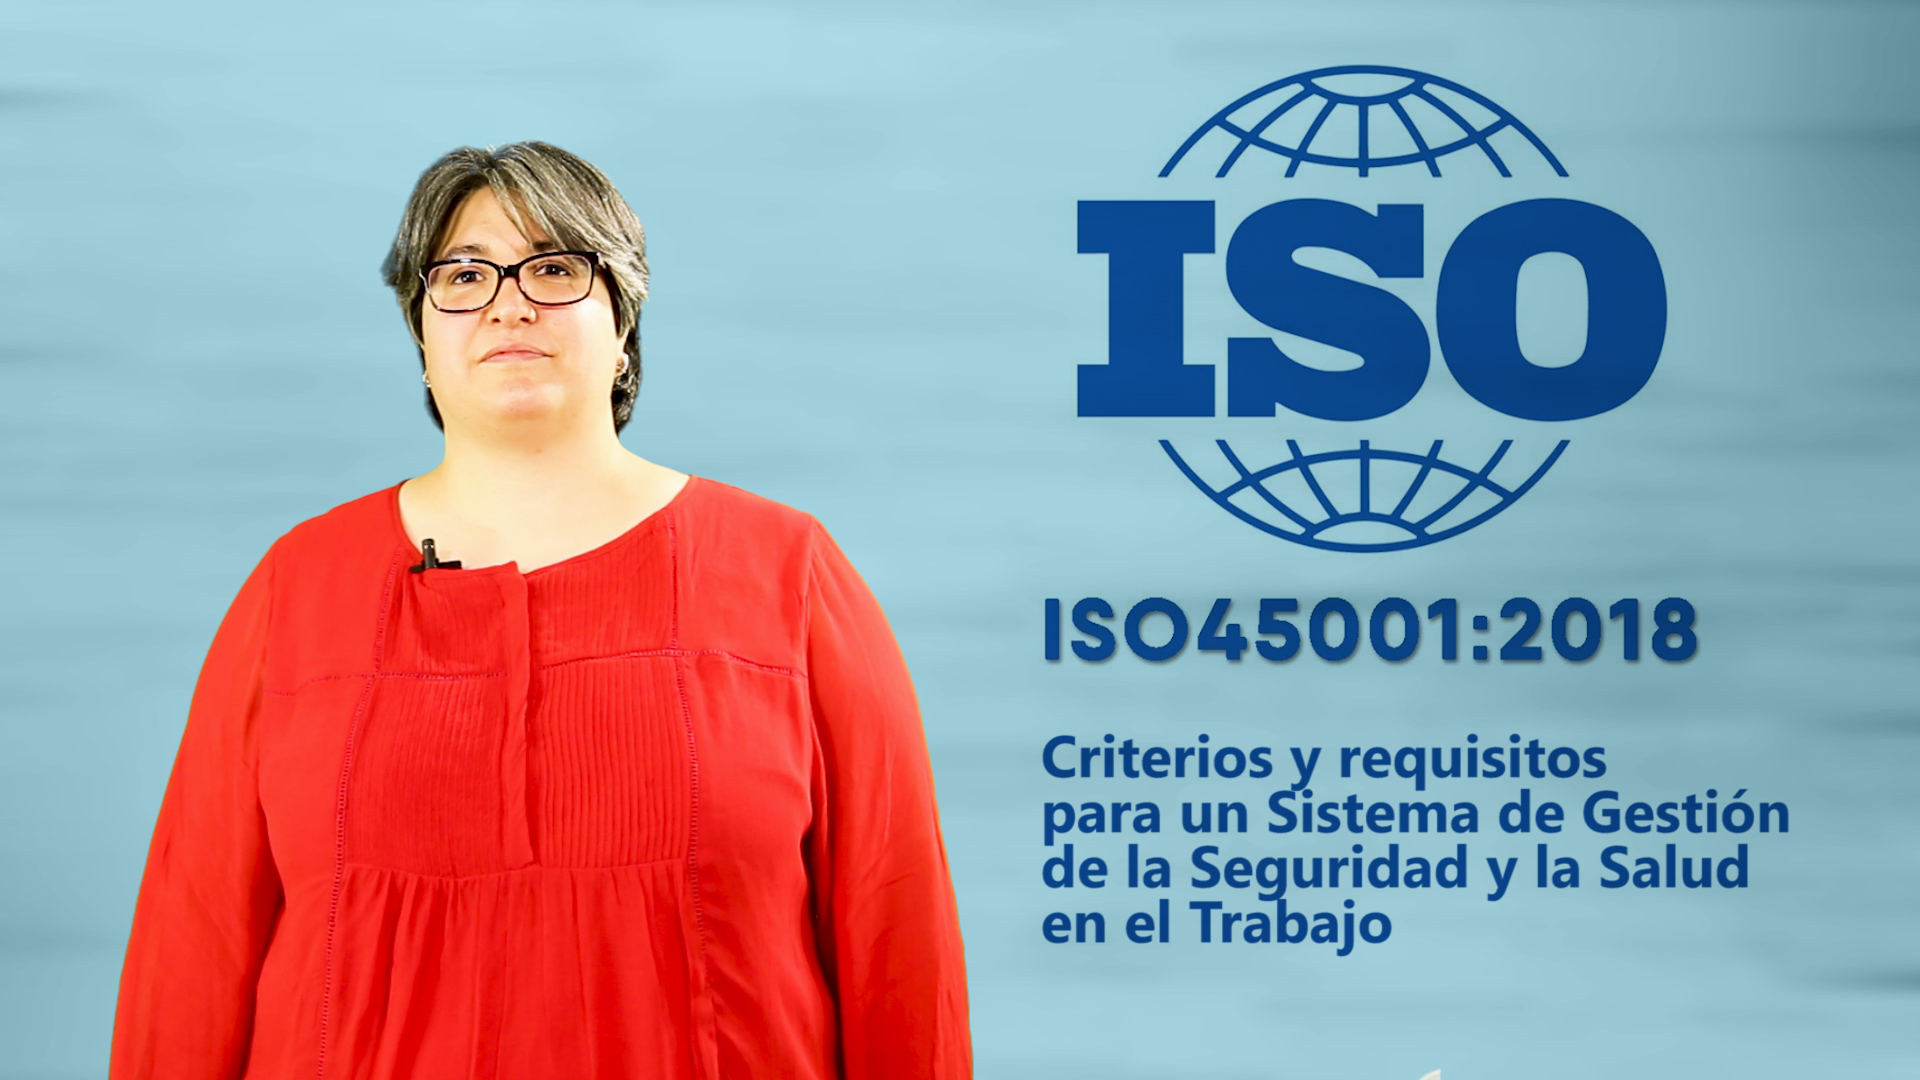 Curso de ISO 45001:2018. Sistemas de Gestión de la Seguridad y Salud en el Trabajo